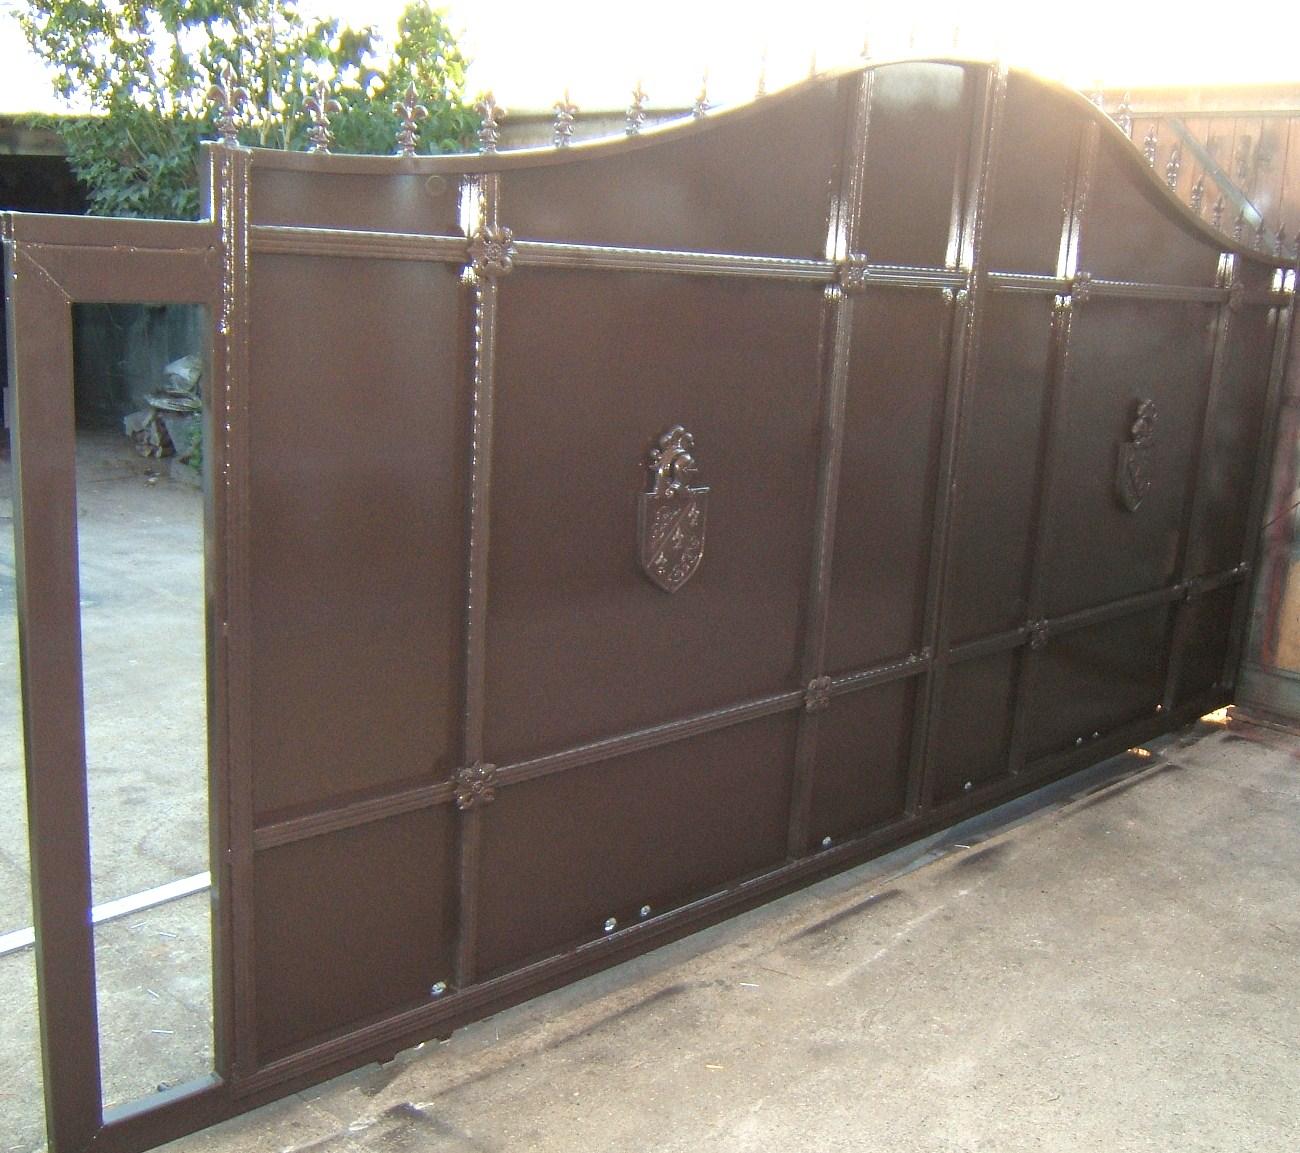 les ateliers d 39 eloi je realise sur mesure portail en fer forg portillon rampe garde. Black Bedroom Furniture Sets. Home Design Ideas